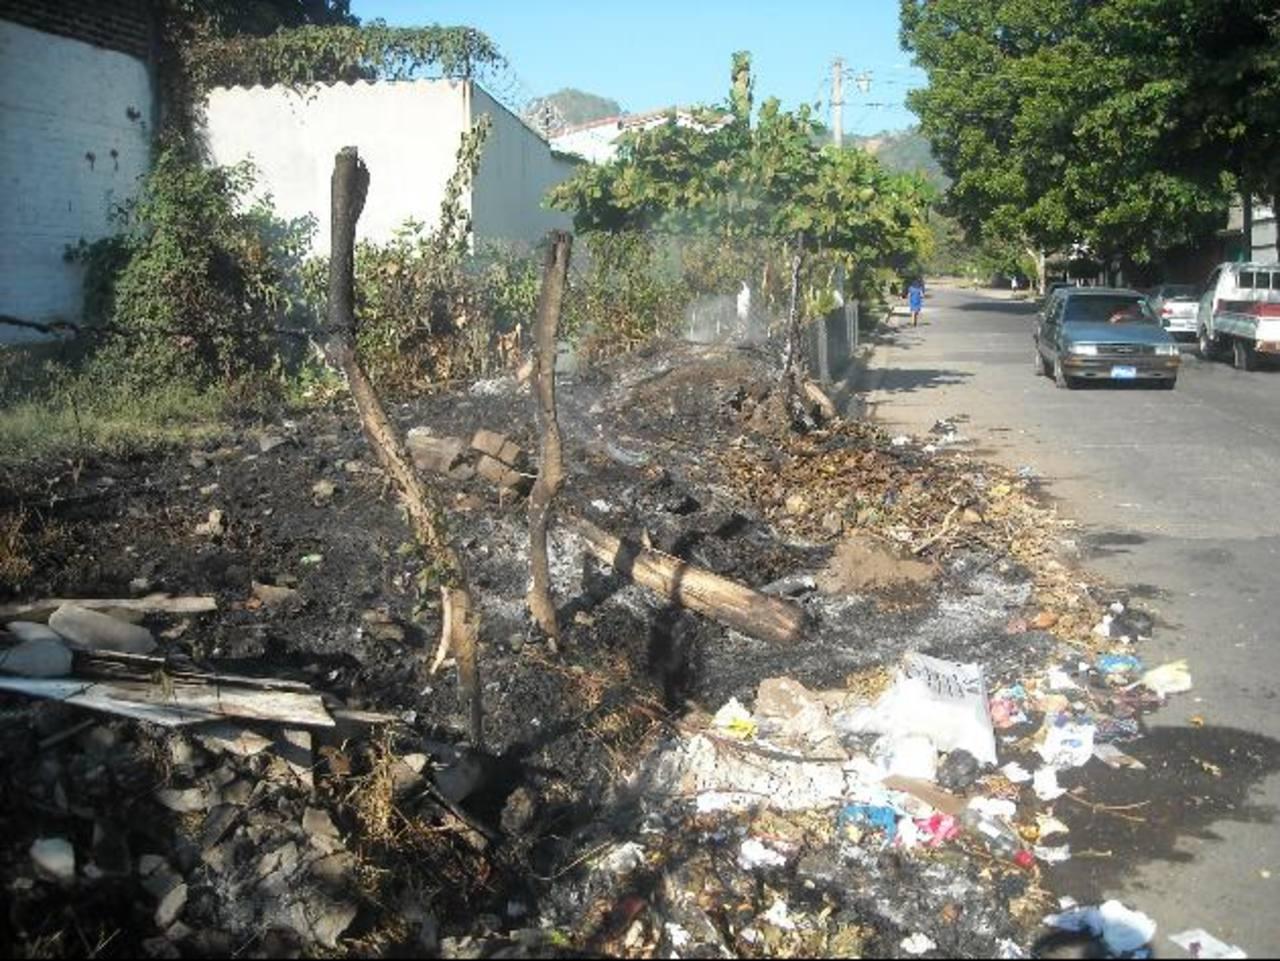 La negligencia de las personas es una de las causas de los incendios en predios baldíos. Foto EDH / Milton jaco